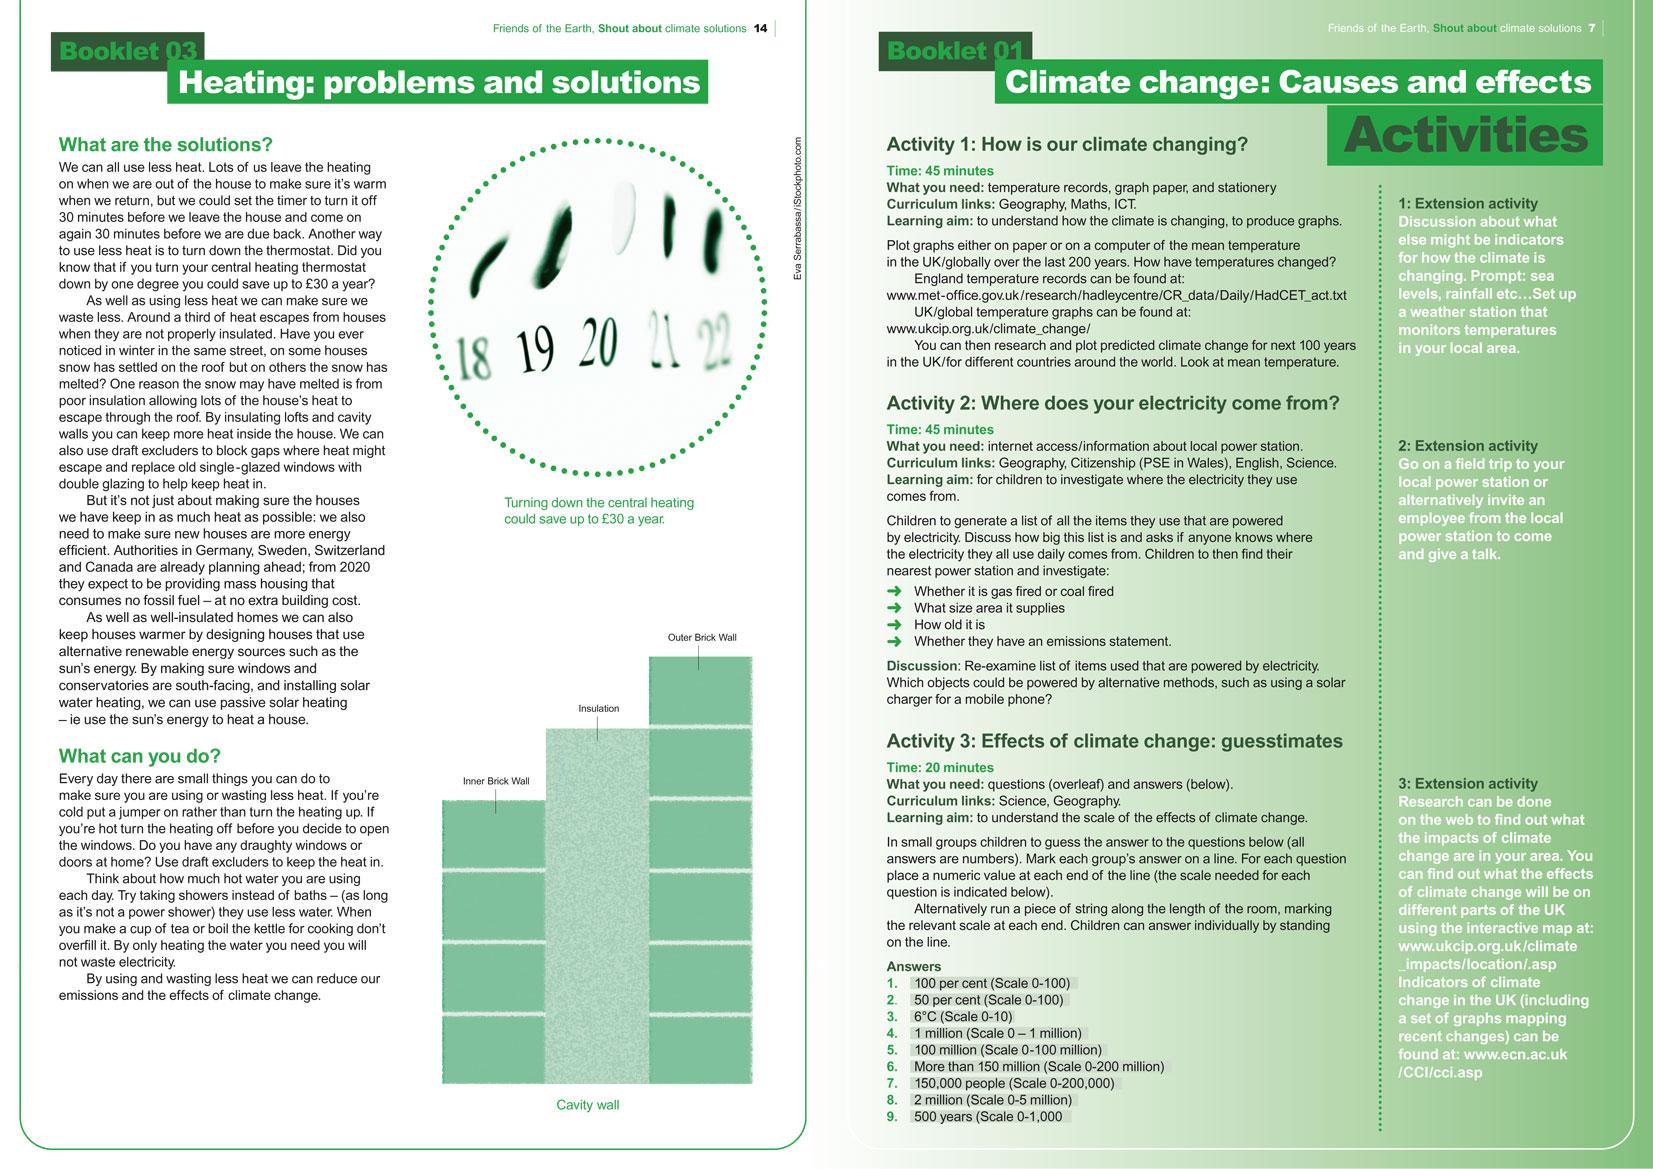 Booklet-3-2.jpg